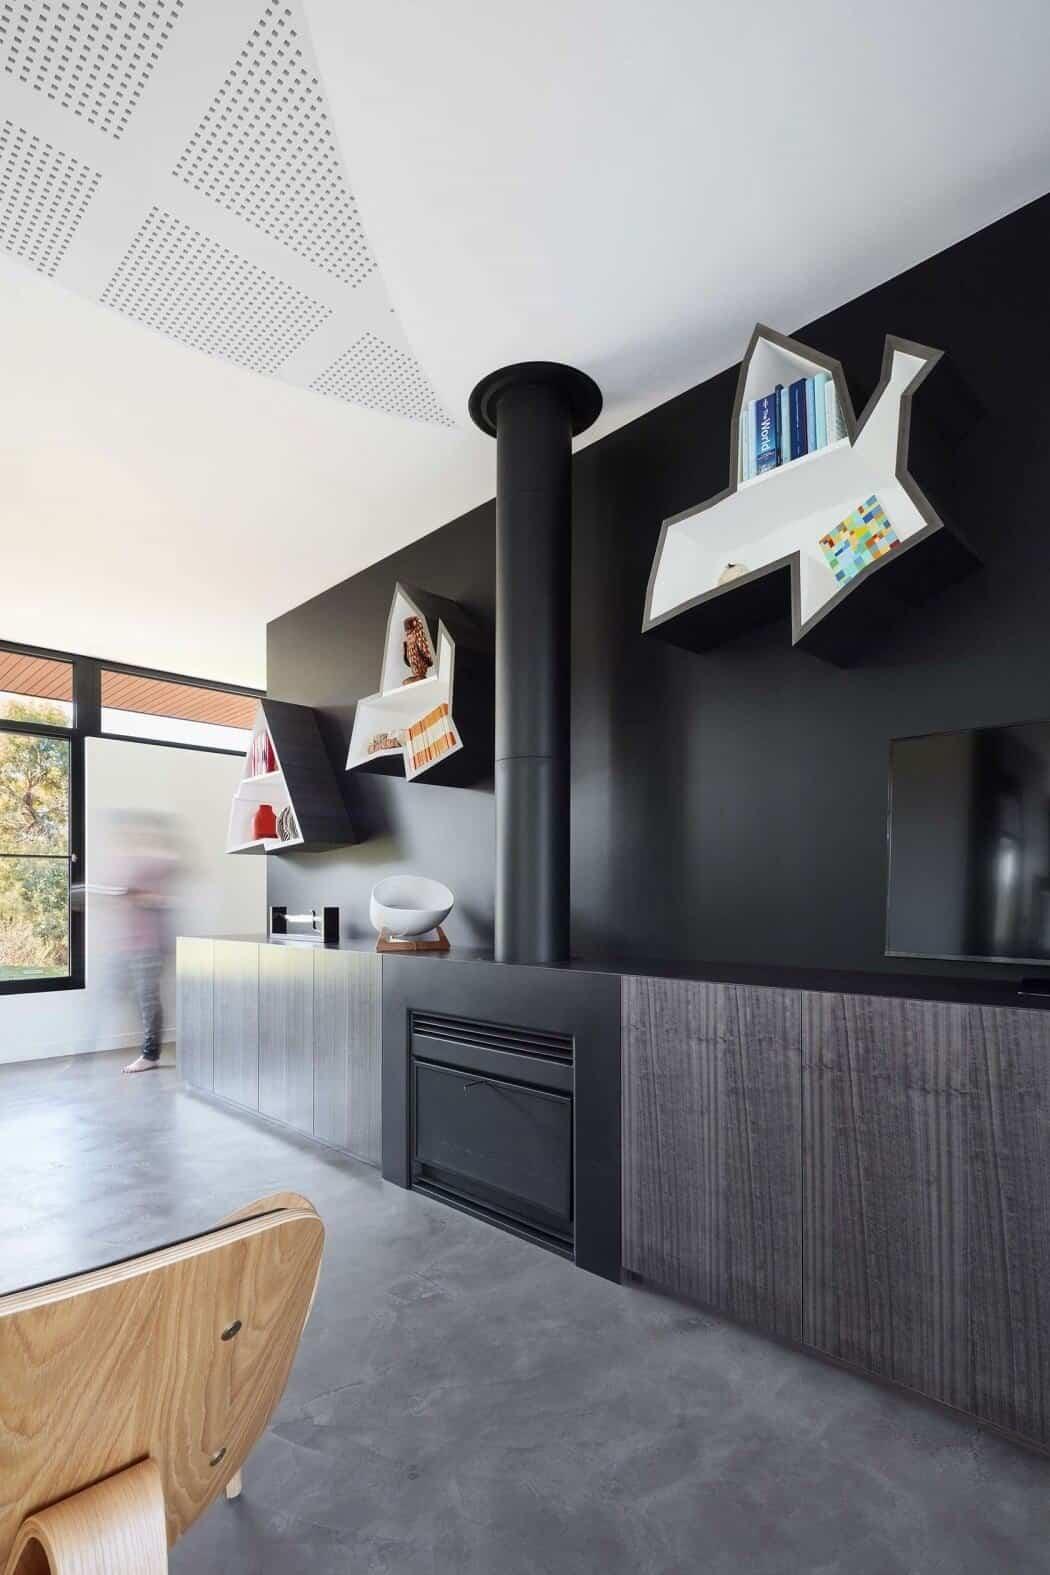 casa moderna en Australia - estanterías de aves